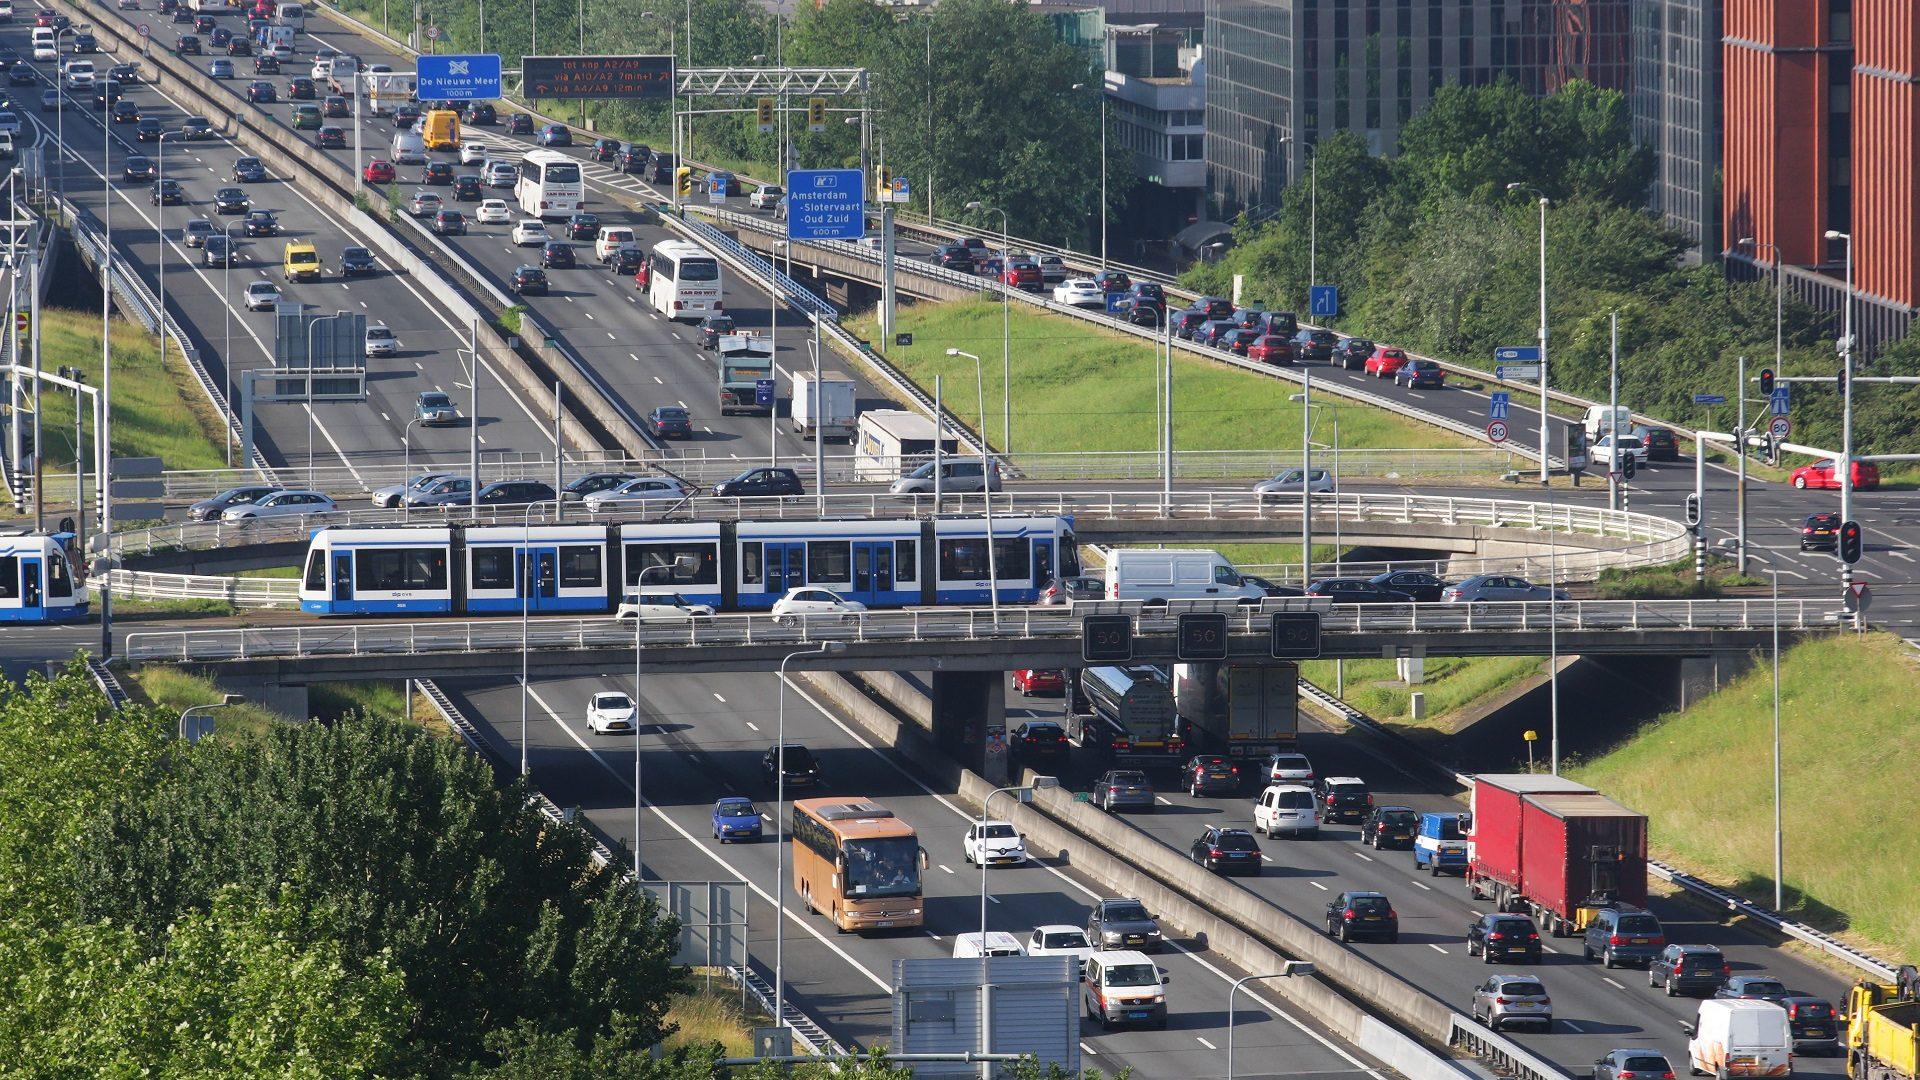 Hà Lan là nước có hệ thống giao thông công cộng và chính sách bảo vệ môi trường rất tốt, nhưng nguy cơ ô nhiễm do nitơ oxit vẫn đang có xu hướng gia tăng. Ảnh: Getty Images.